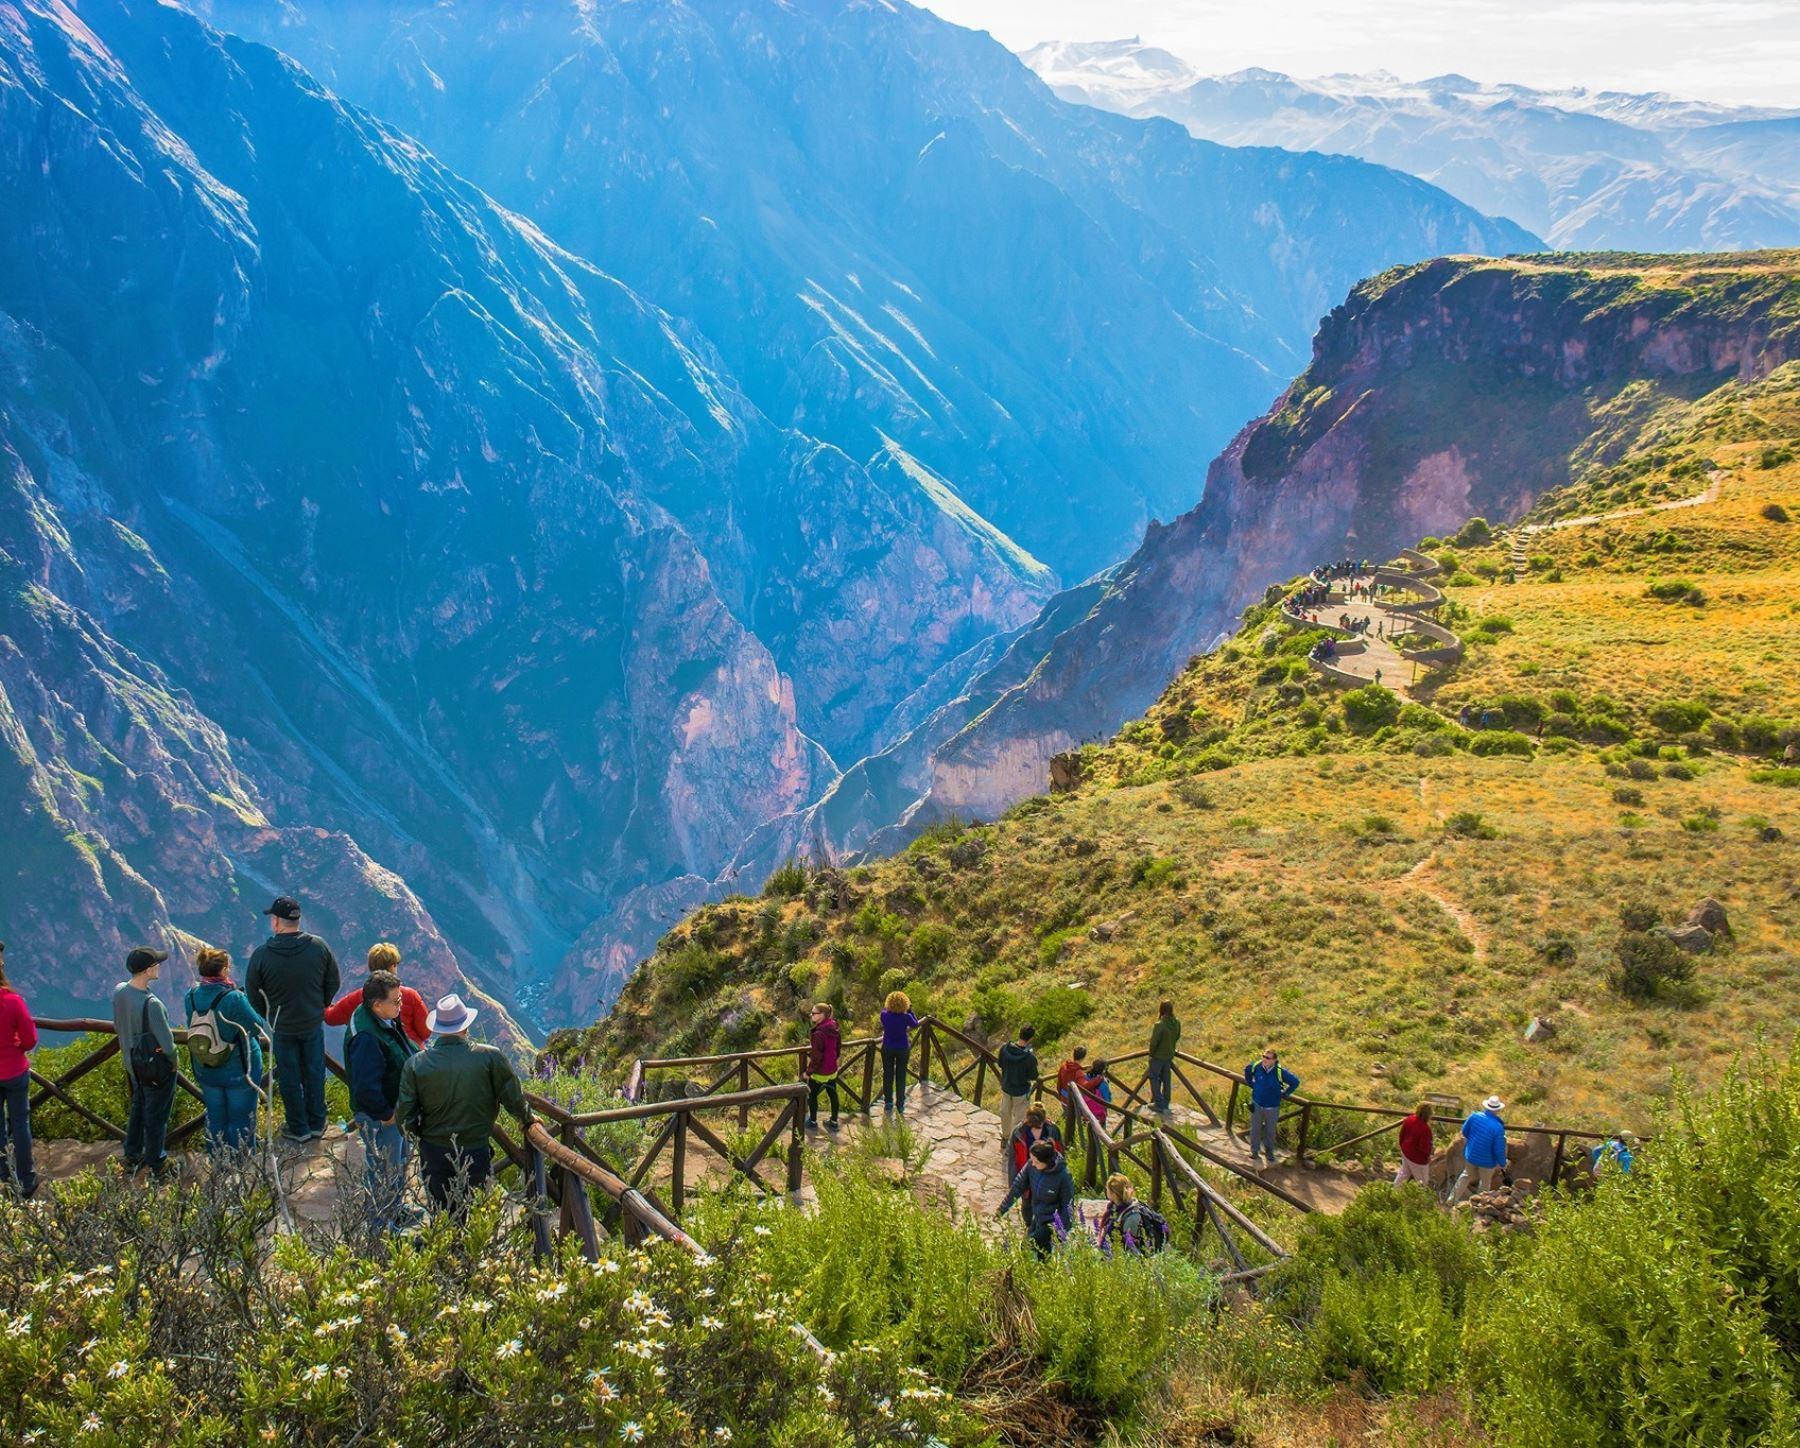 El valle del Colca impulsa la reactivación del turismo en la región Arequipa y en lo que va del año recibió más de 63,000 visitantes. Foto: Autocolca.